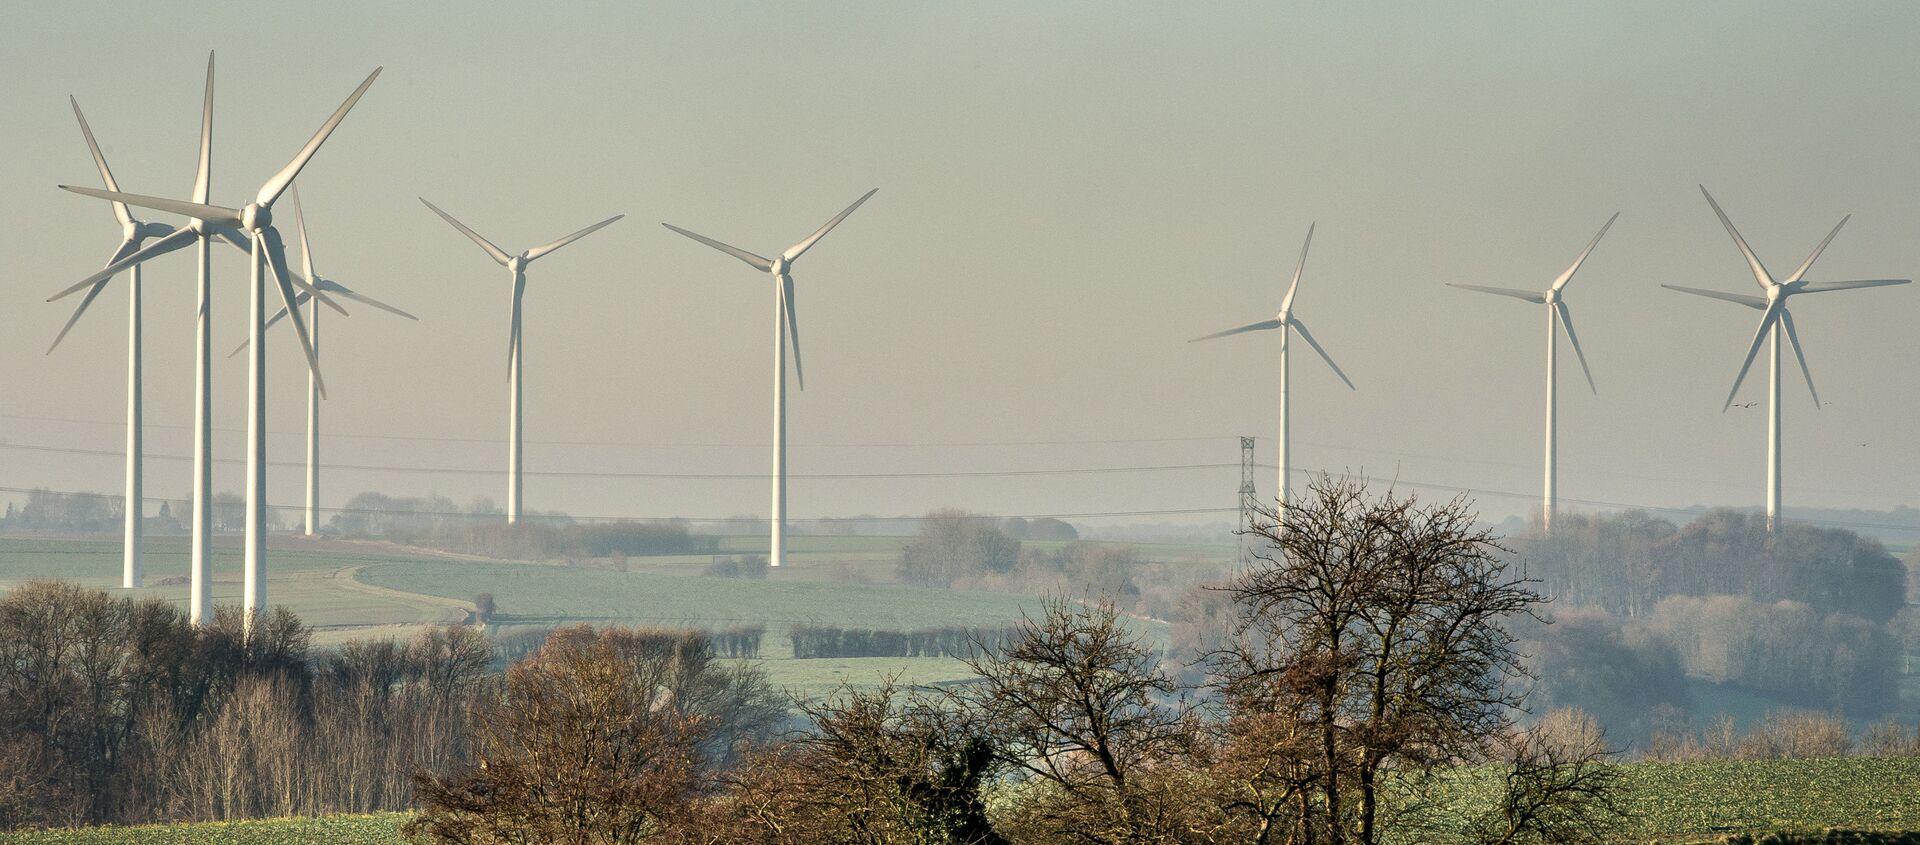 Éoliennes à Fruges, nord de la France, le 28 novembre 2016. (PHILIPPE HUGUEN / AFP) - Sputnik France, 1920, 08.05.2021